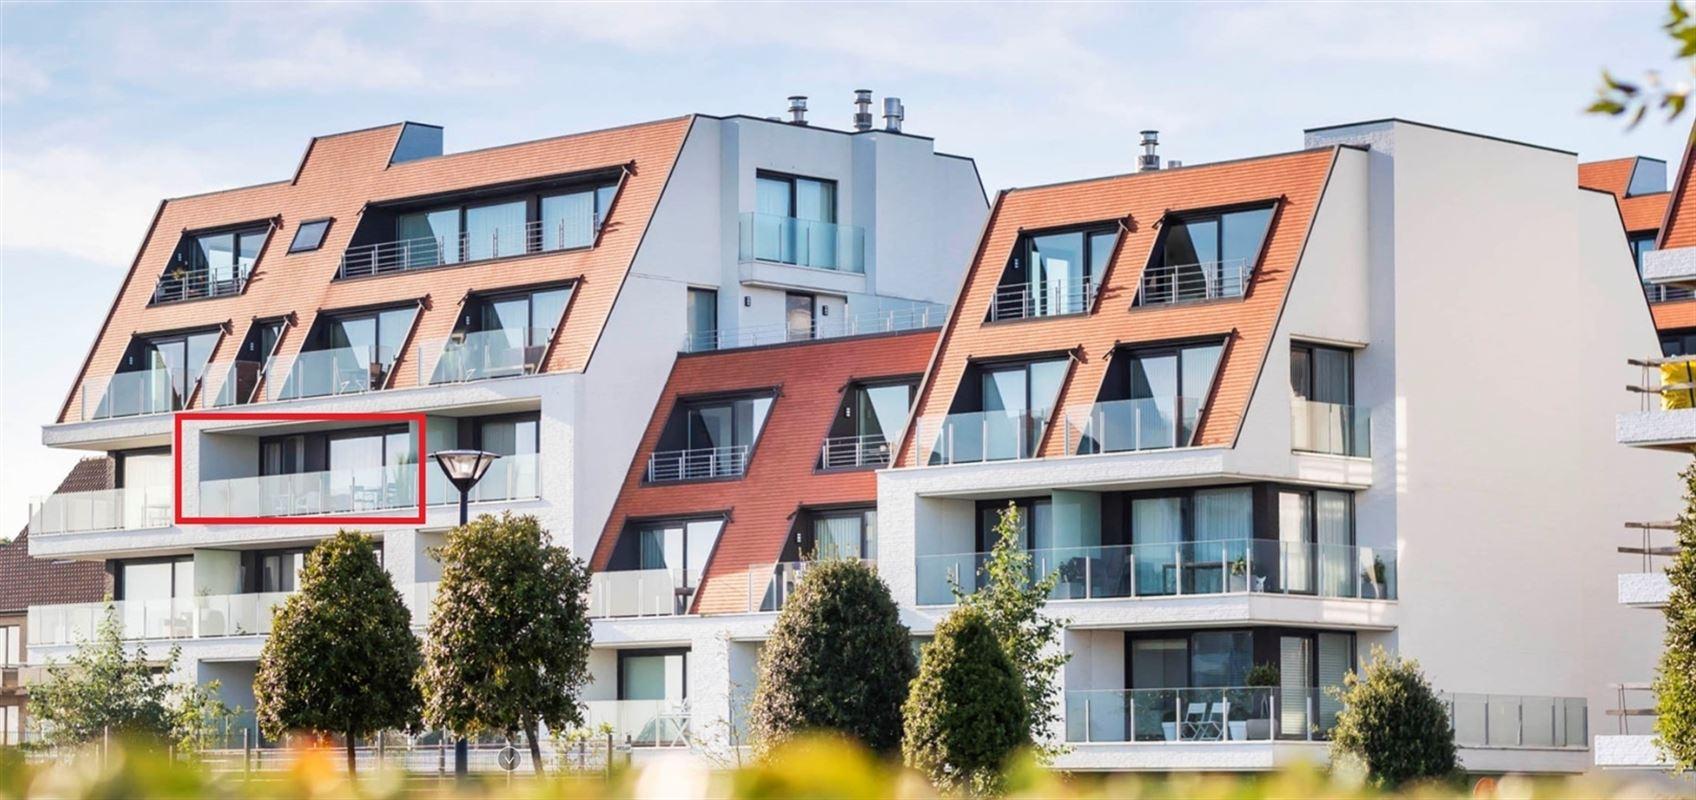 Foto 32 : Appartement te 8620 NIEUWPOORT (België) - Prijs € 650.000